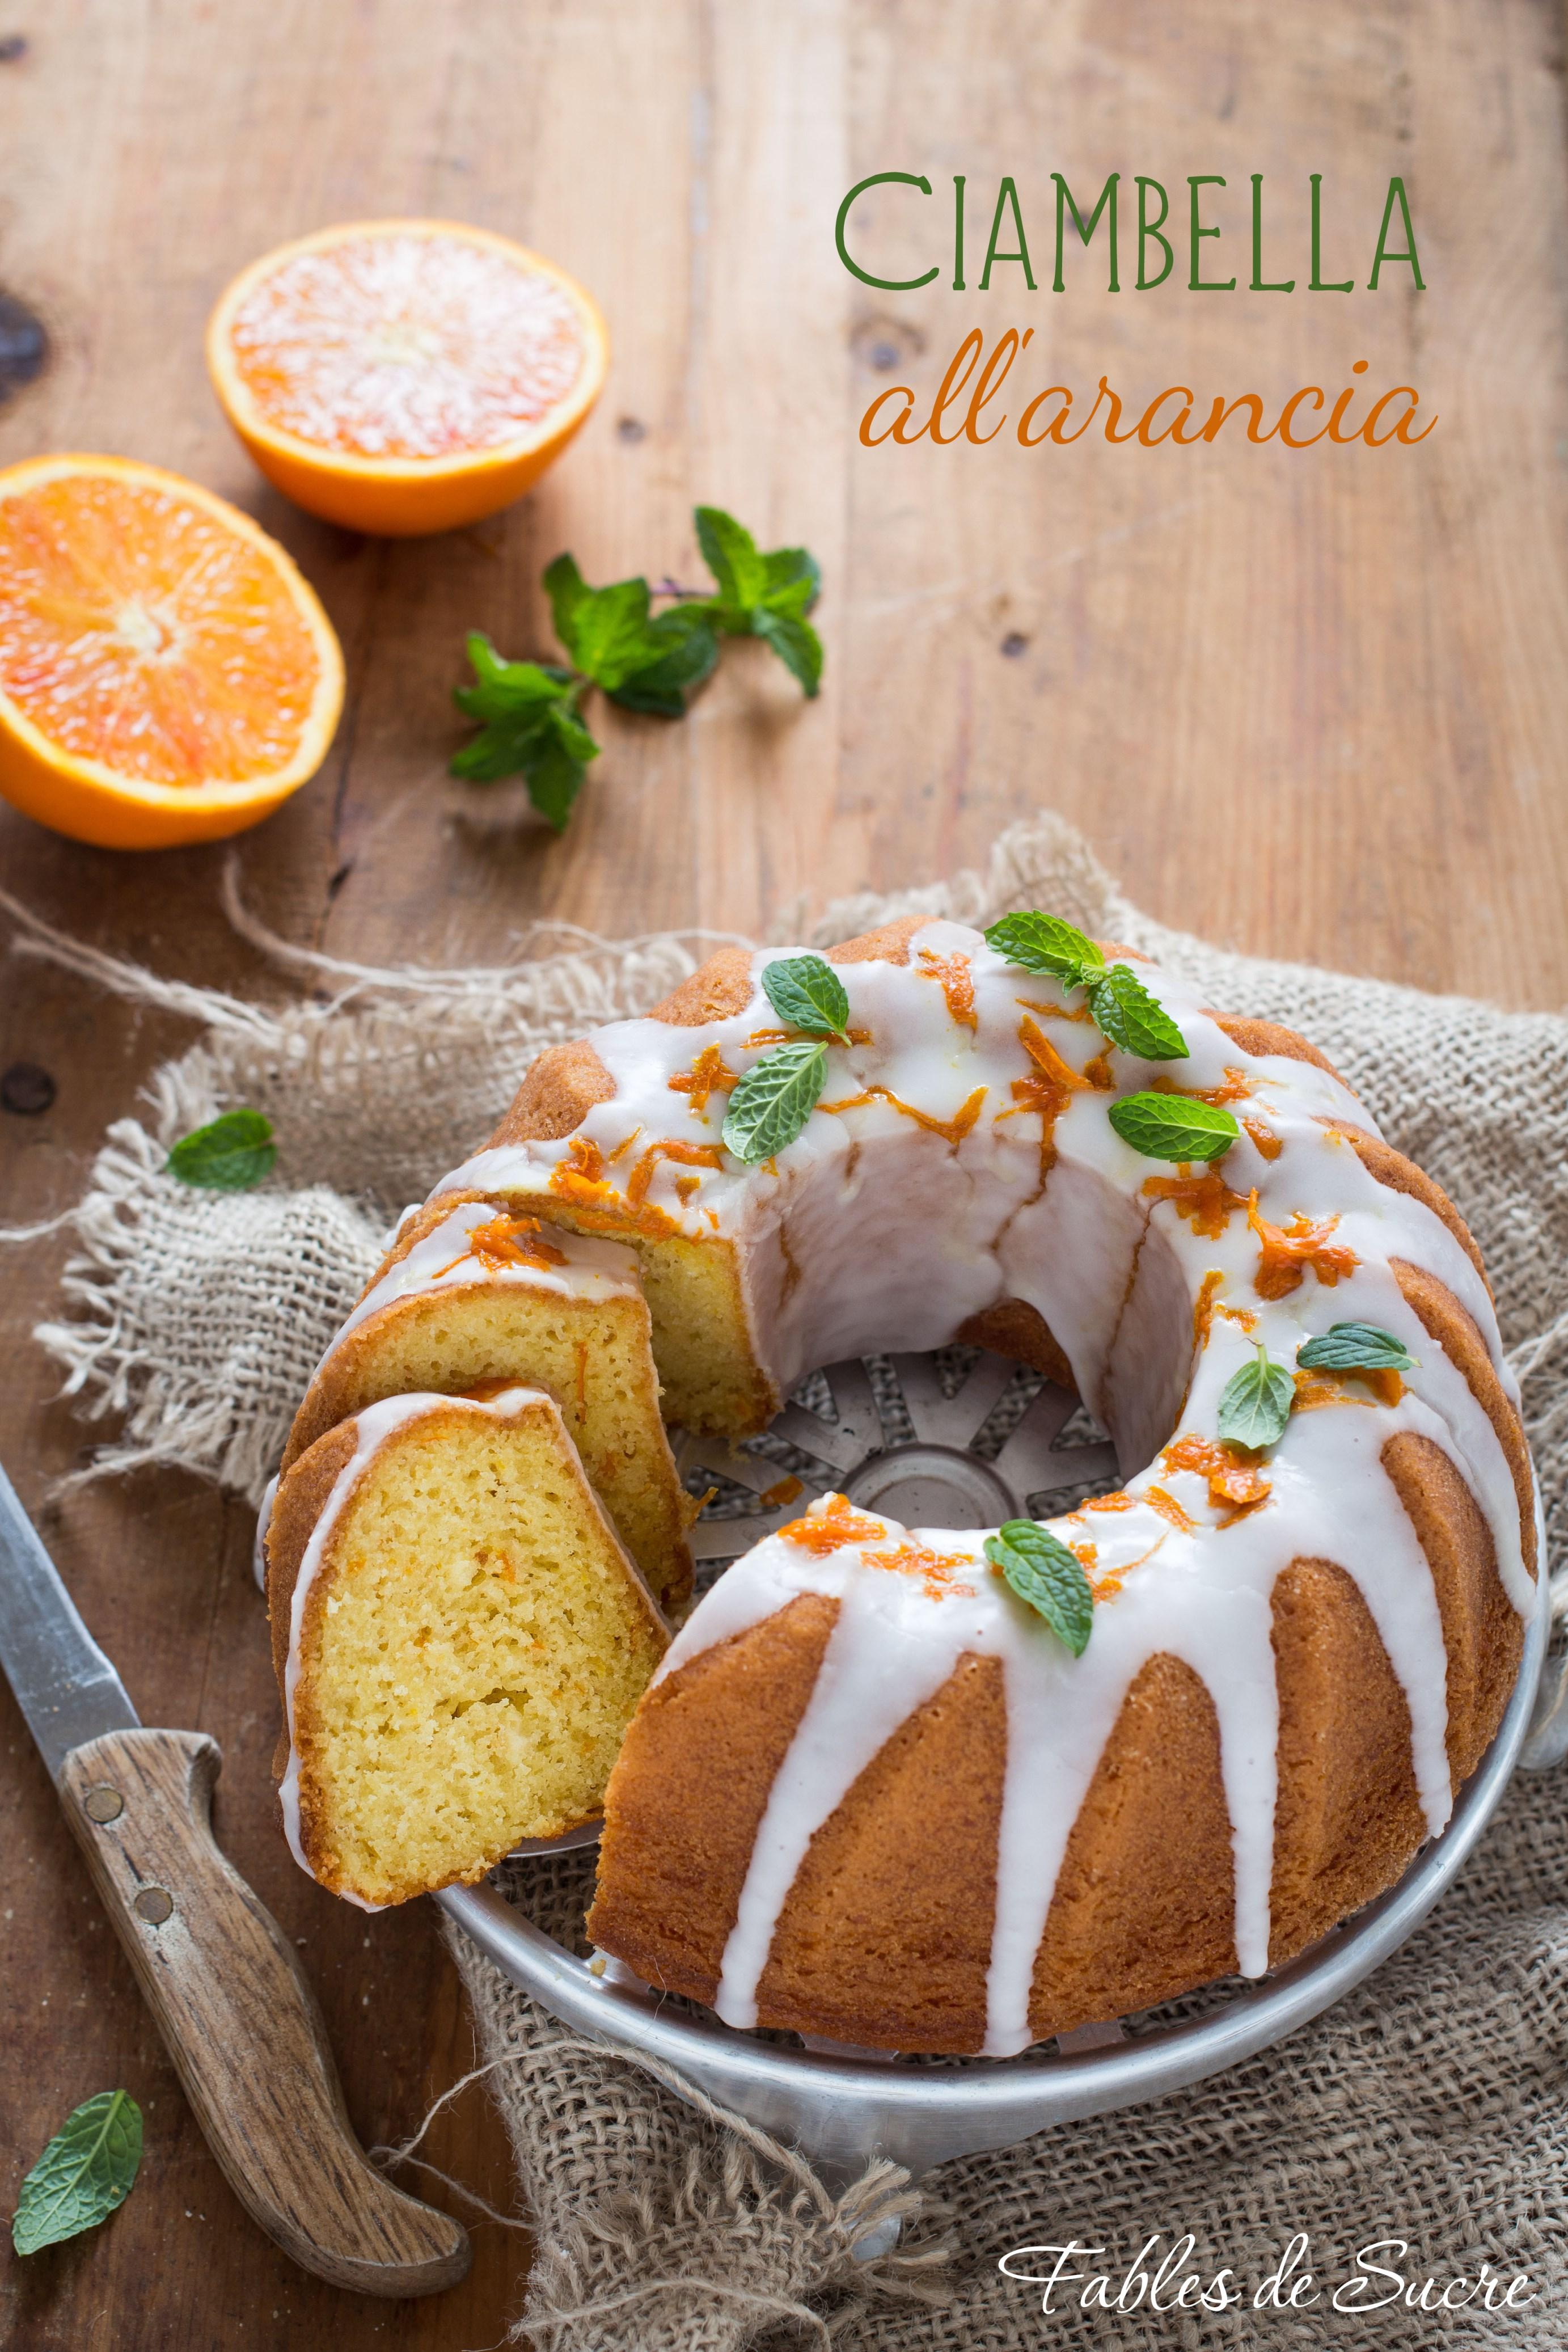 Ciambella soffice all'arancia